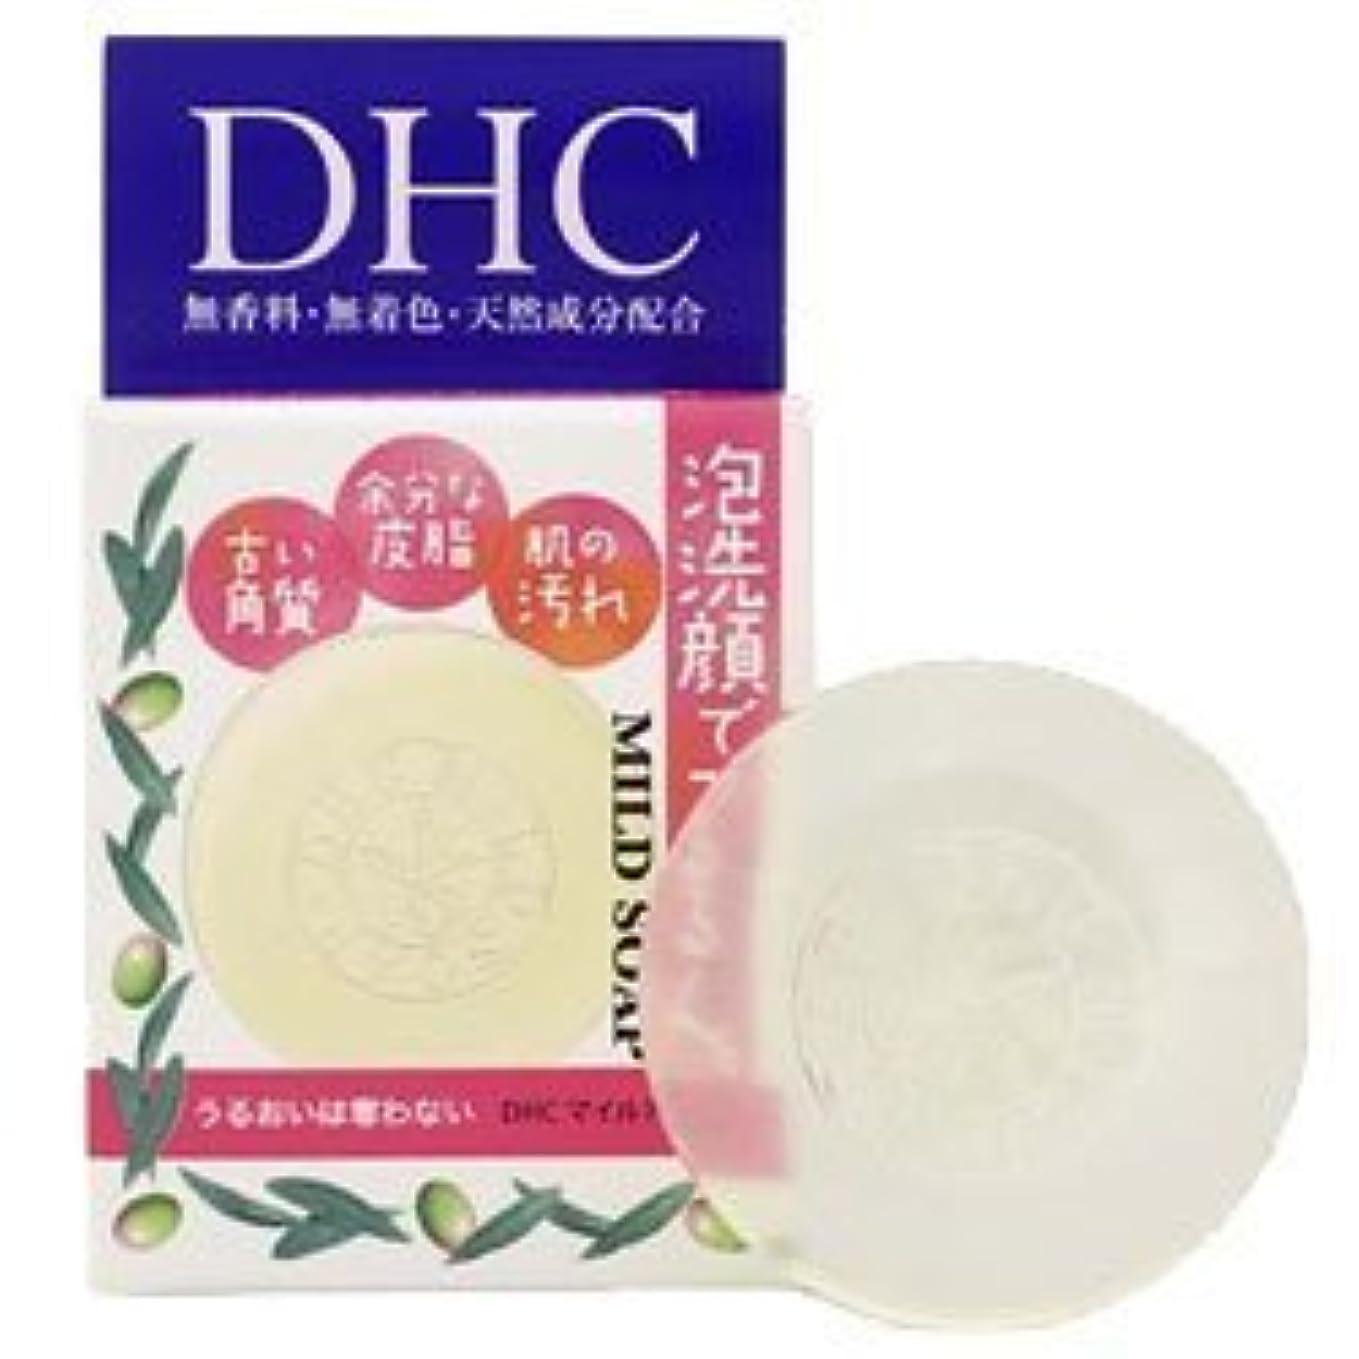 不安定なカップル分析的【DHC】DHC マイルドソープ(SS) 35g ×5個セット